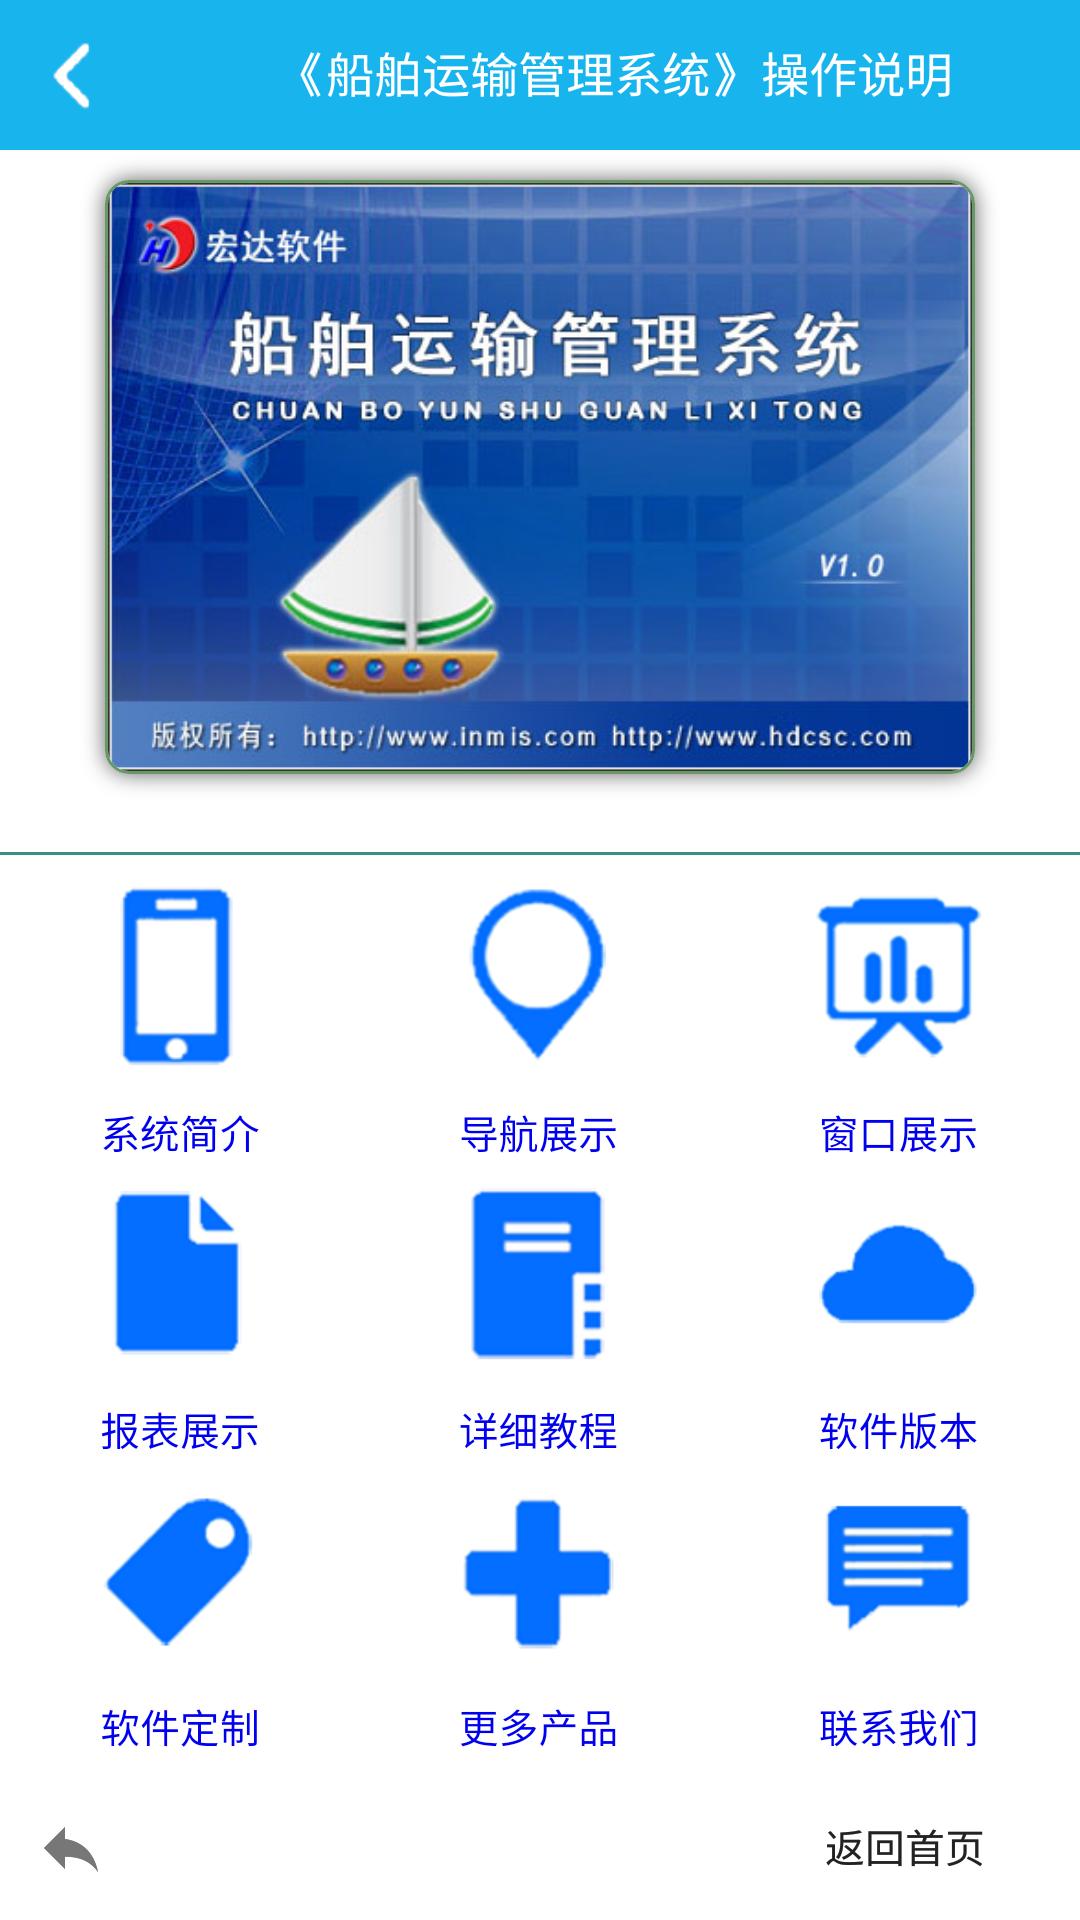 船舶运输管理系统